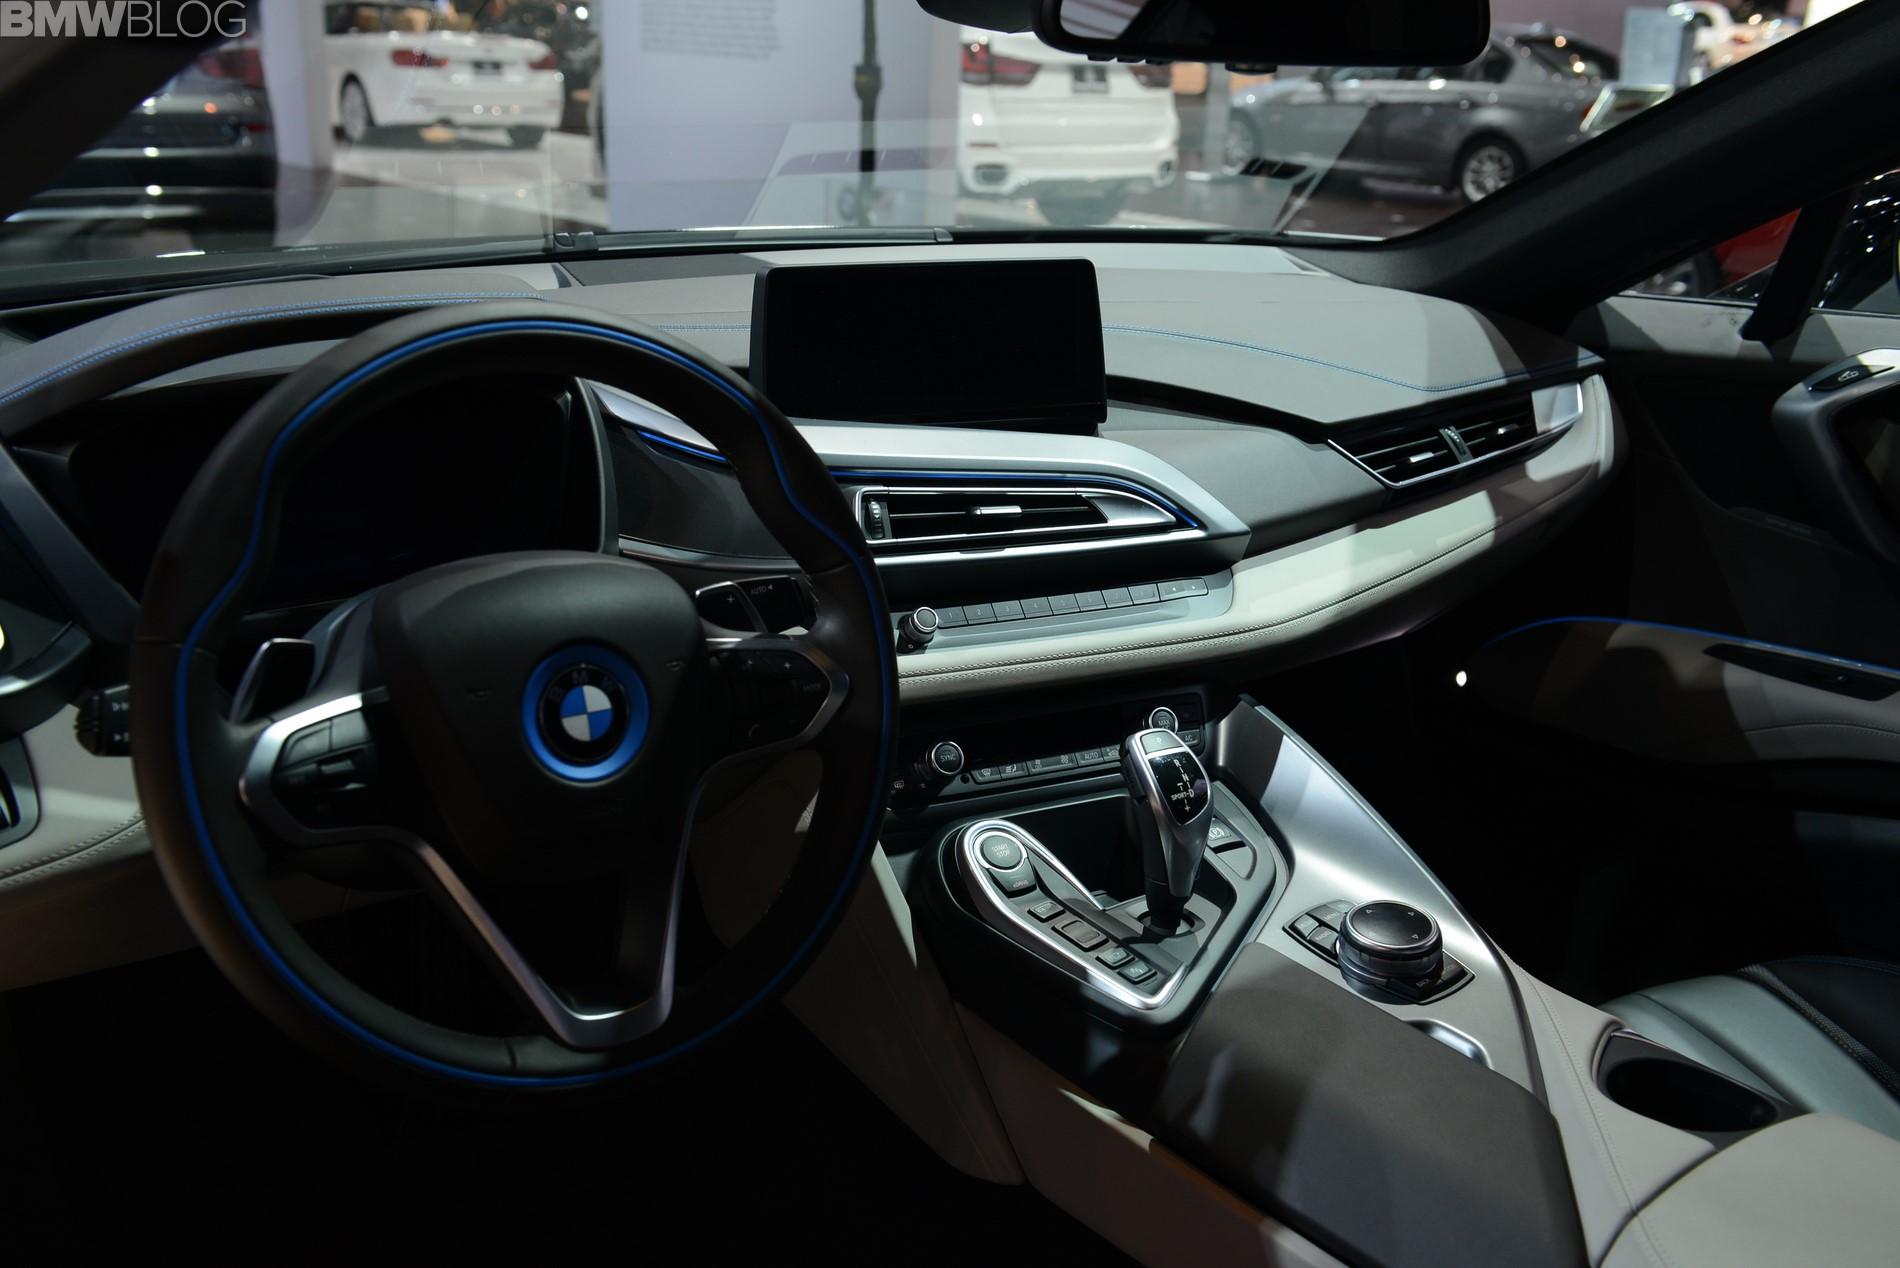 2015 bmw i8 chicago auto show 01